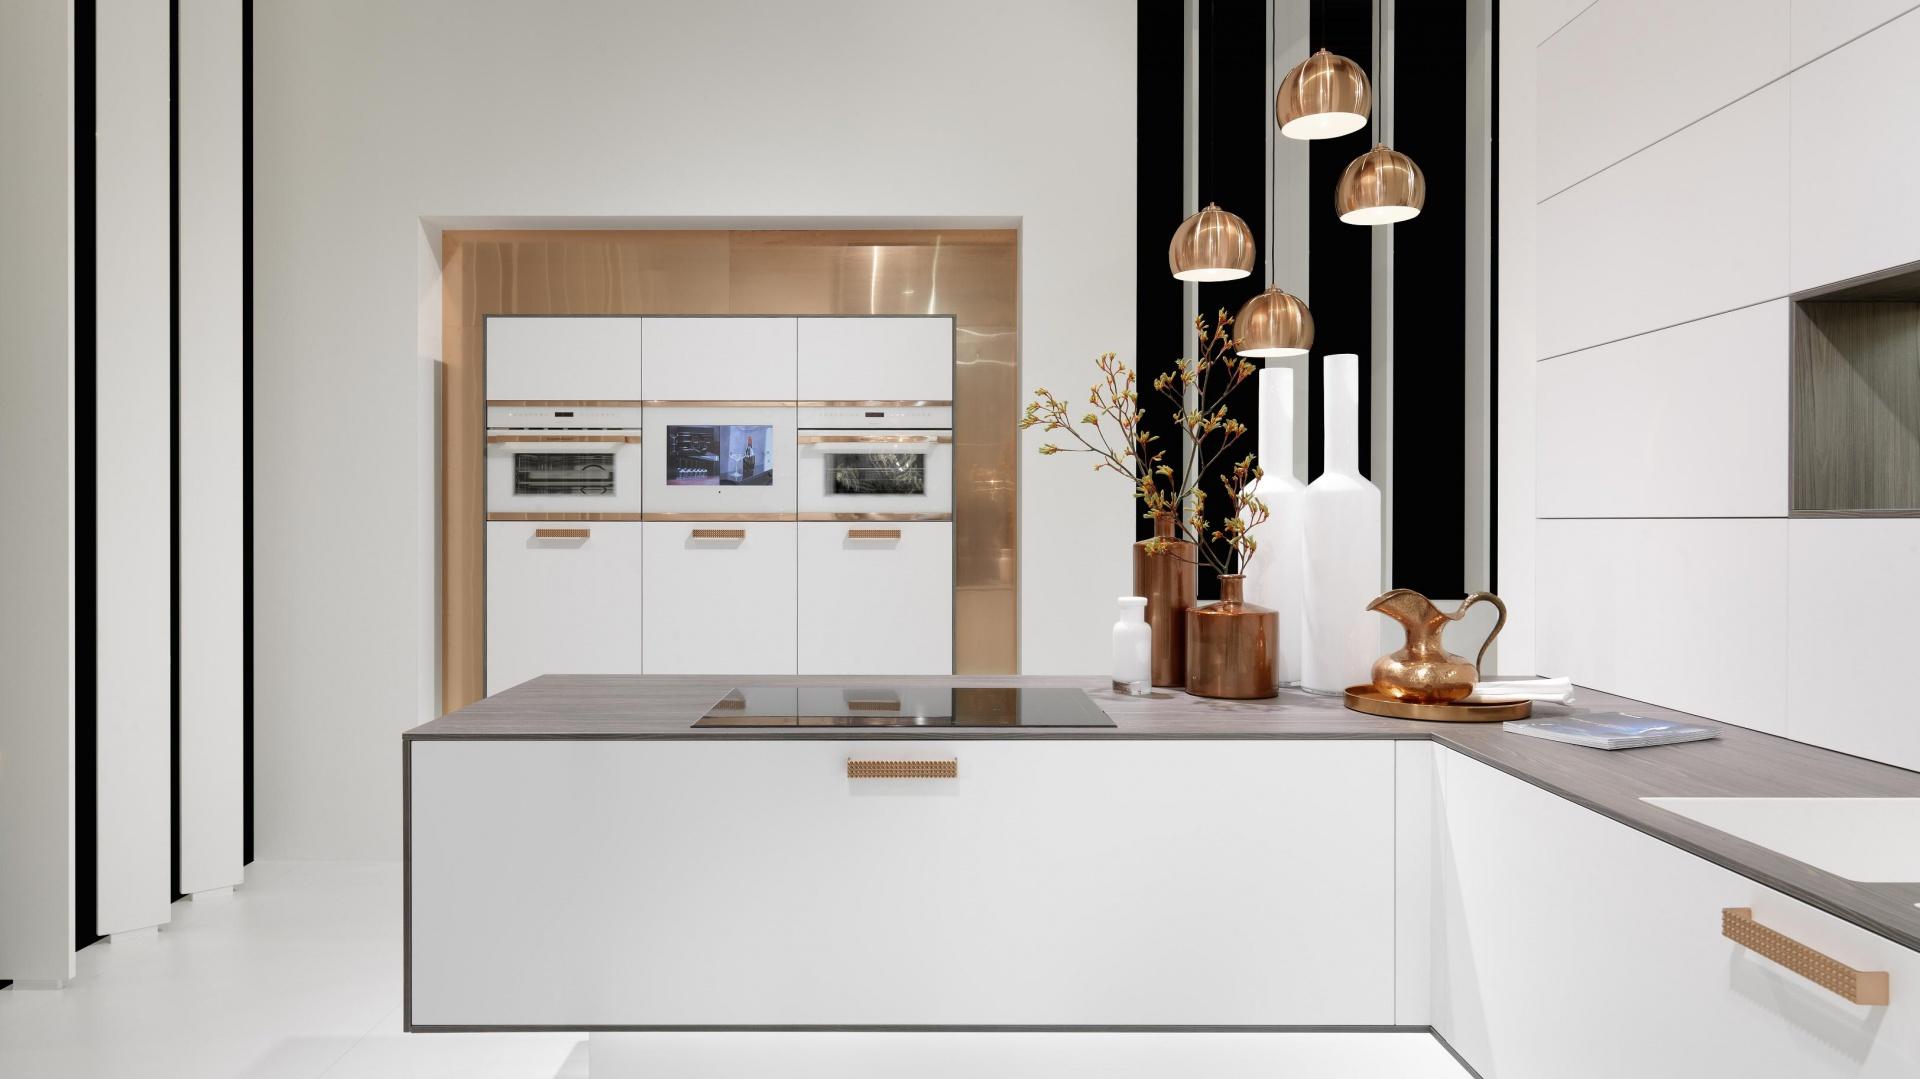 Biała odsłona pięknej, odważnej kuchni, w której główną gwiazdą jest złoto. Tutaj jego kolor obecny w formie powierzchni za wysoką zabudową oraz jako eleganckie, duże uchwyty wieńczące fronty zabudowy kuchennej. Dodatkiem są półokrągłe lampy w złotym kolorze. Fot. Rational, model Topaz.